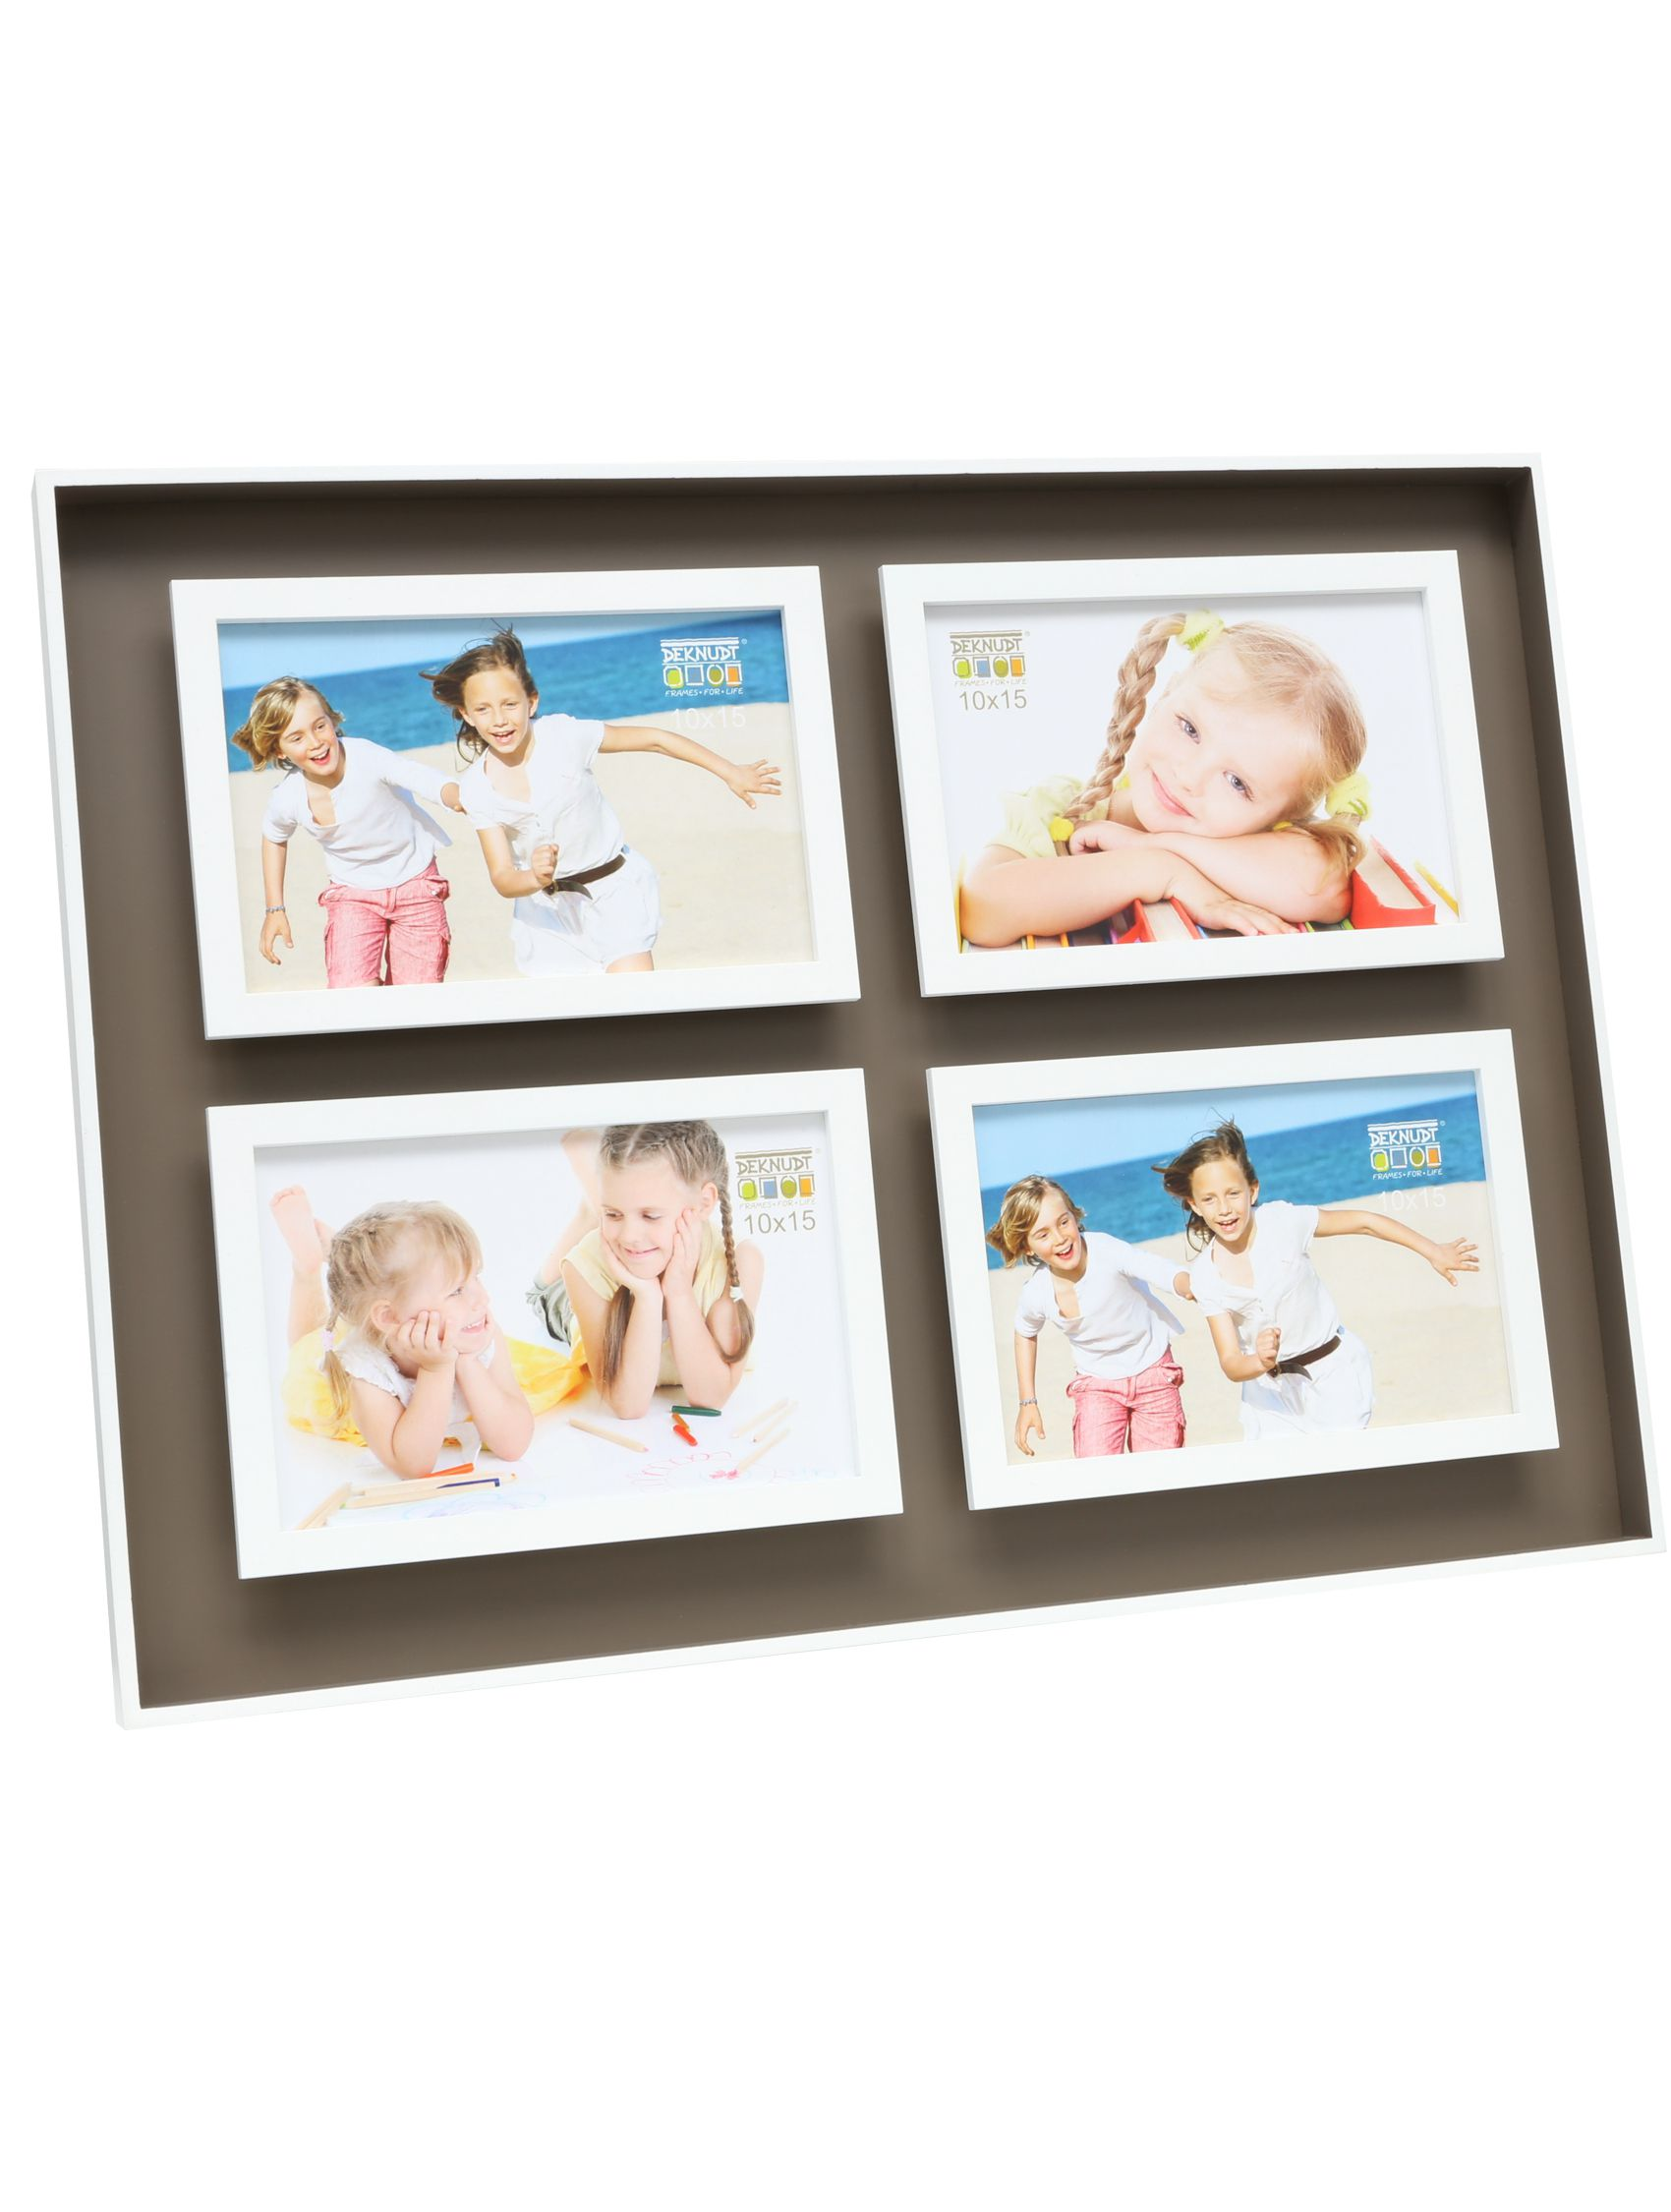 fotokader taupe/wit hout met diepte-effect, voor 4 foto's S68DK9 P4